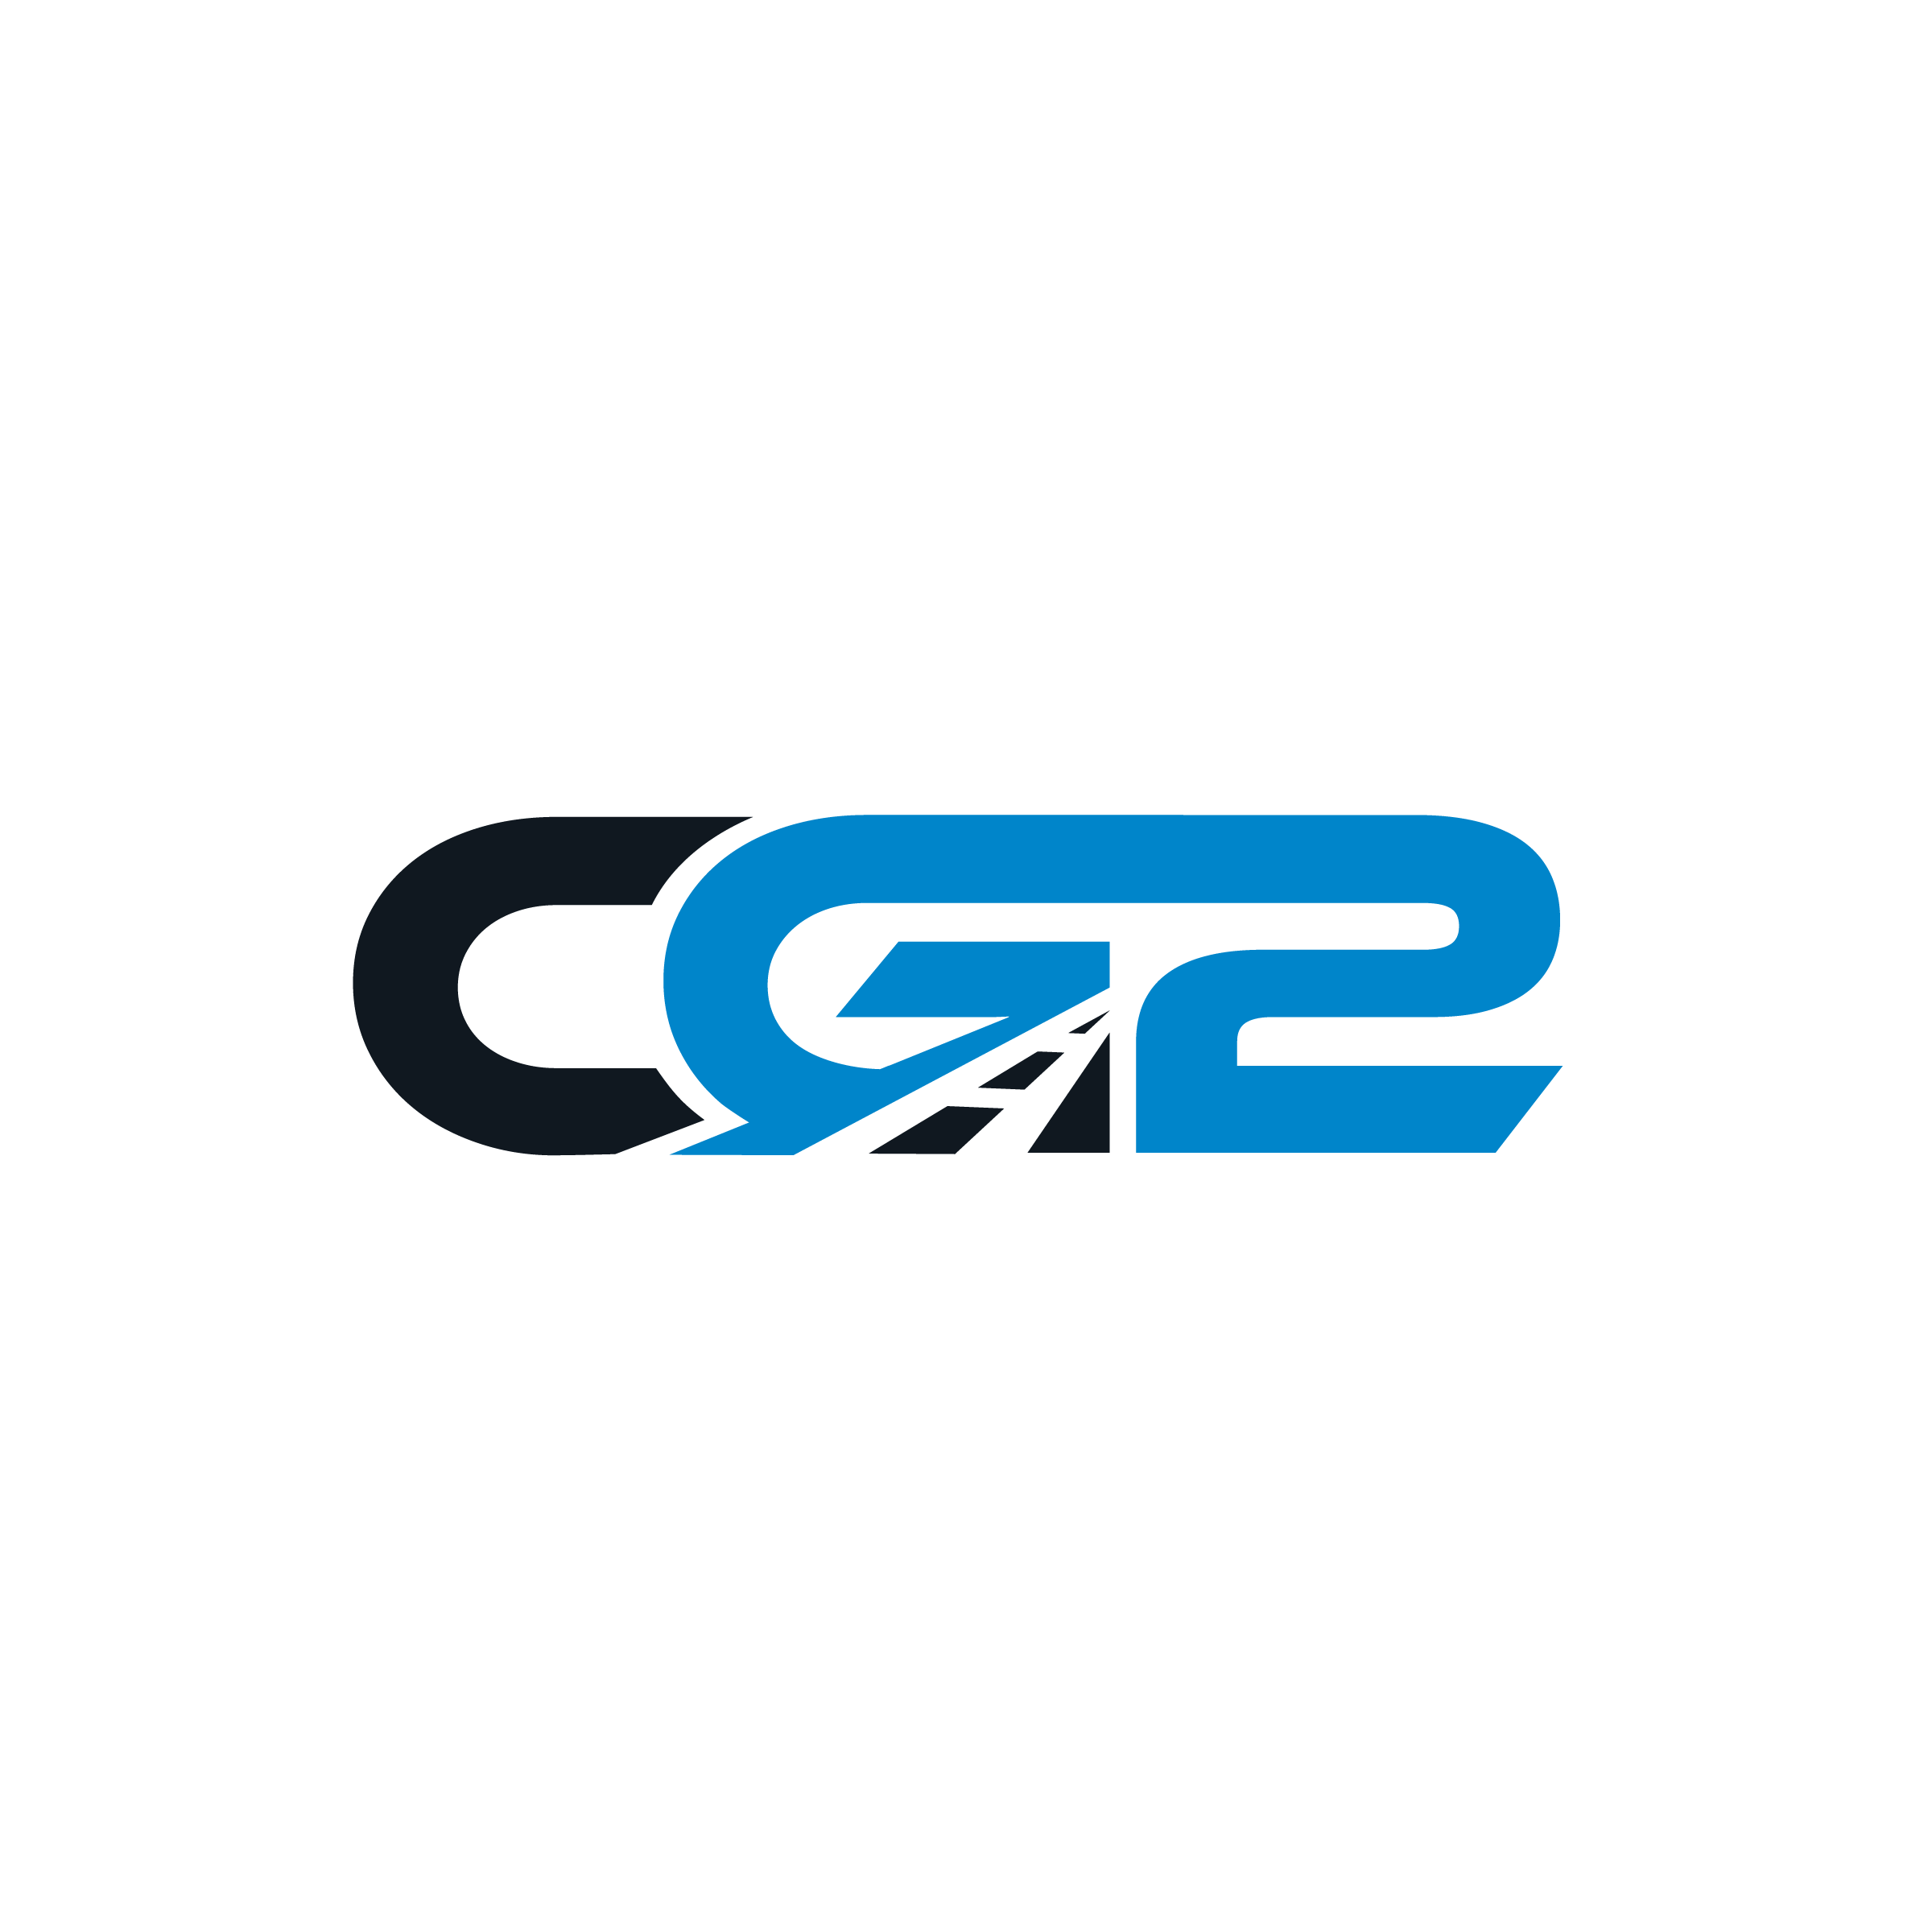 CG2_Logo-Half_Color.png